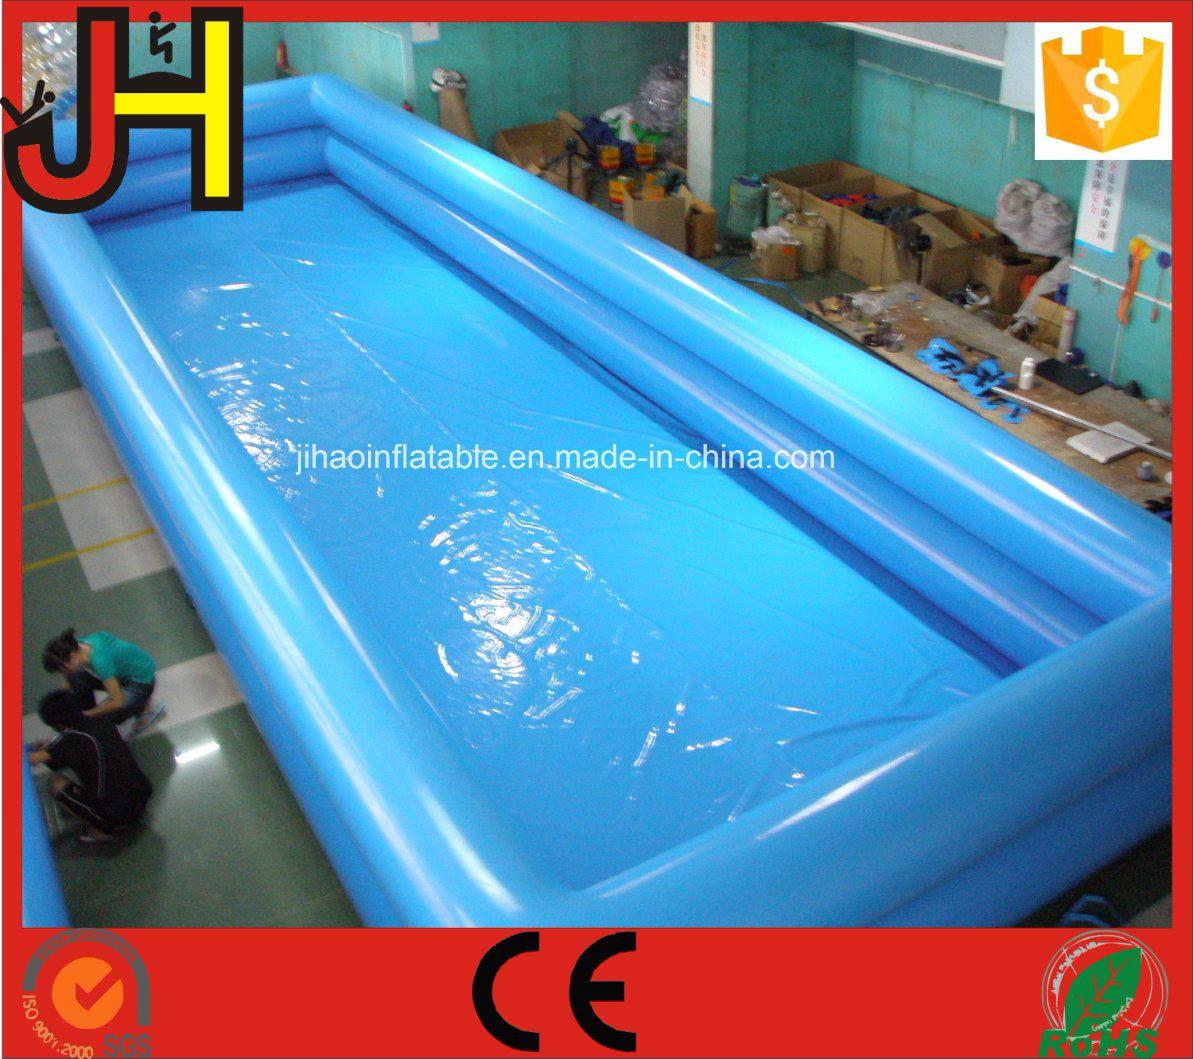 Chine Piscine Gonflable Prix De L'eau Gonflables De Piscine ... destiné Prix Piscine Gonflable